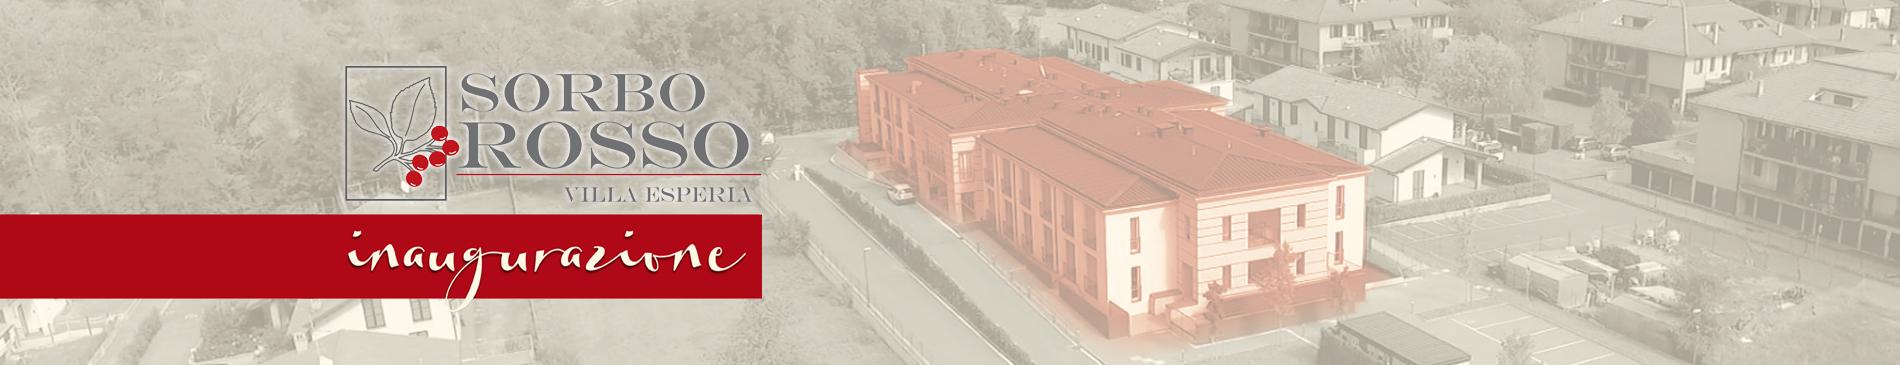 Inaugurazione Sorbo Rosso